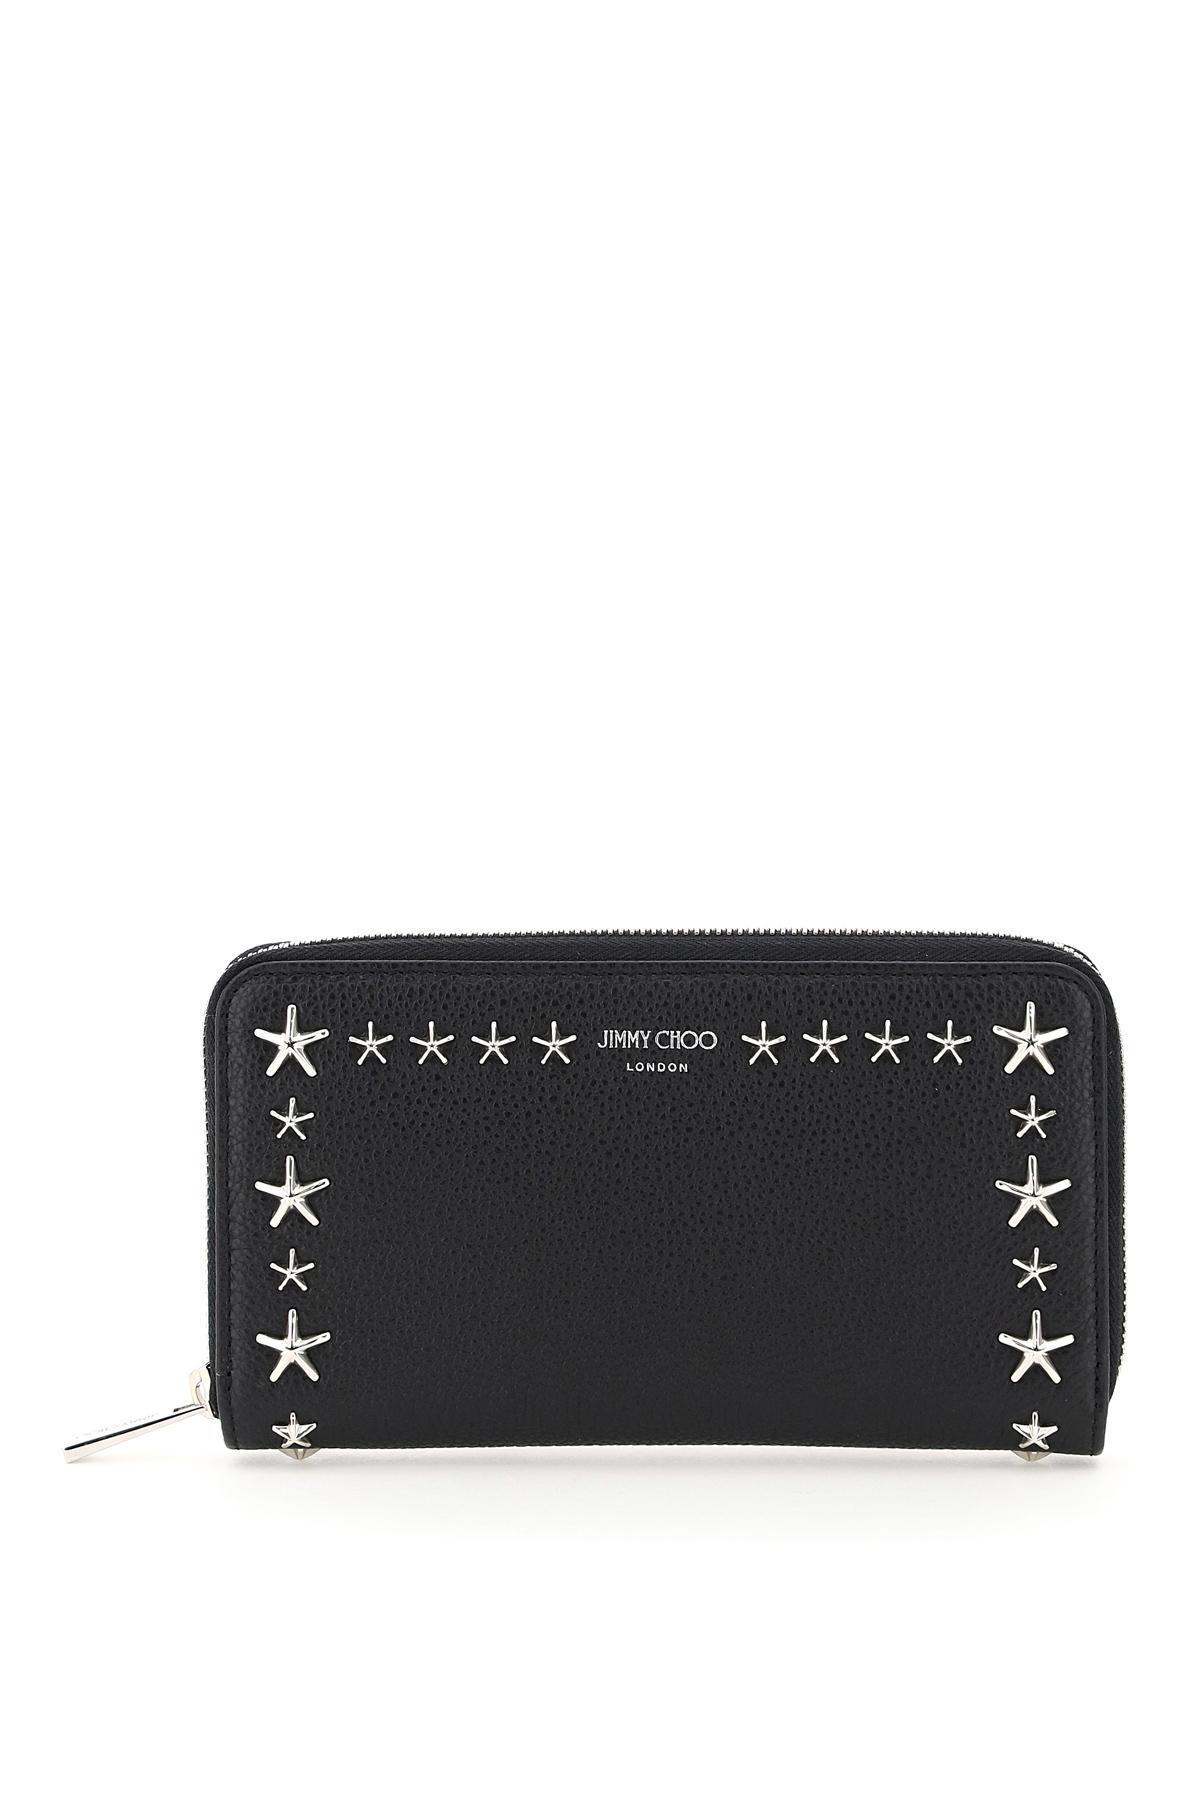 Jimmy choo portafoglio zip around con borchie a stella